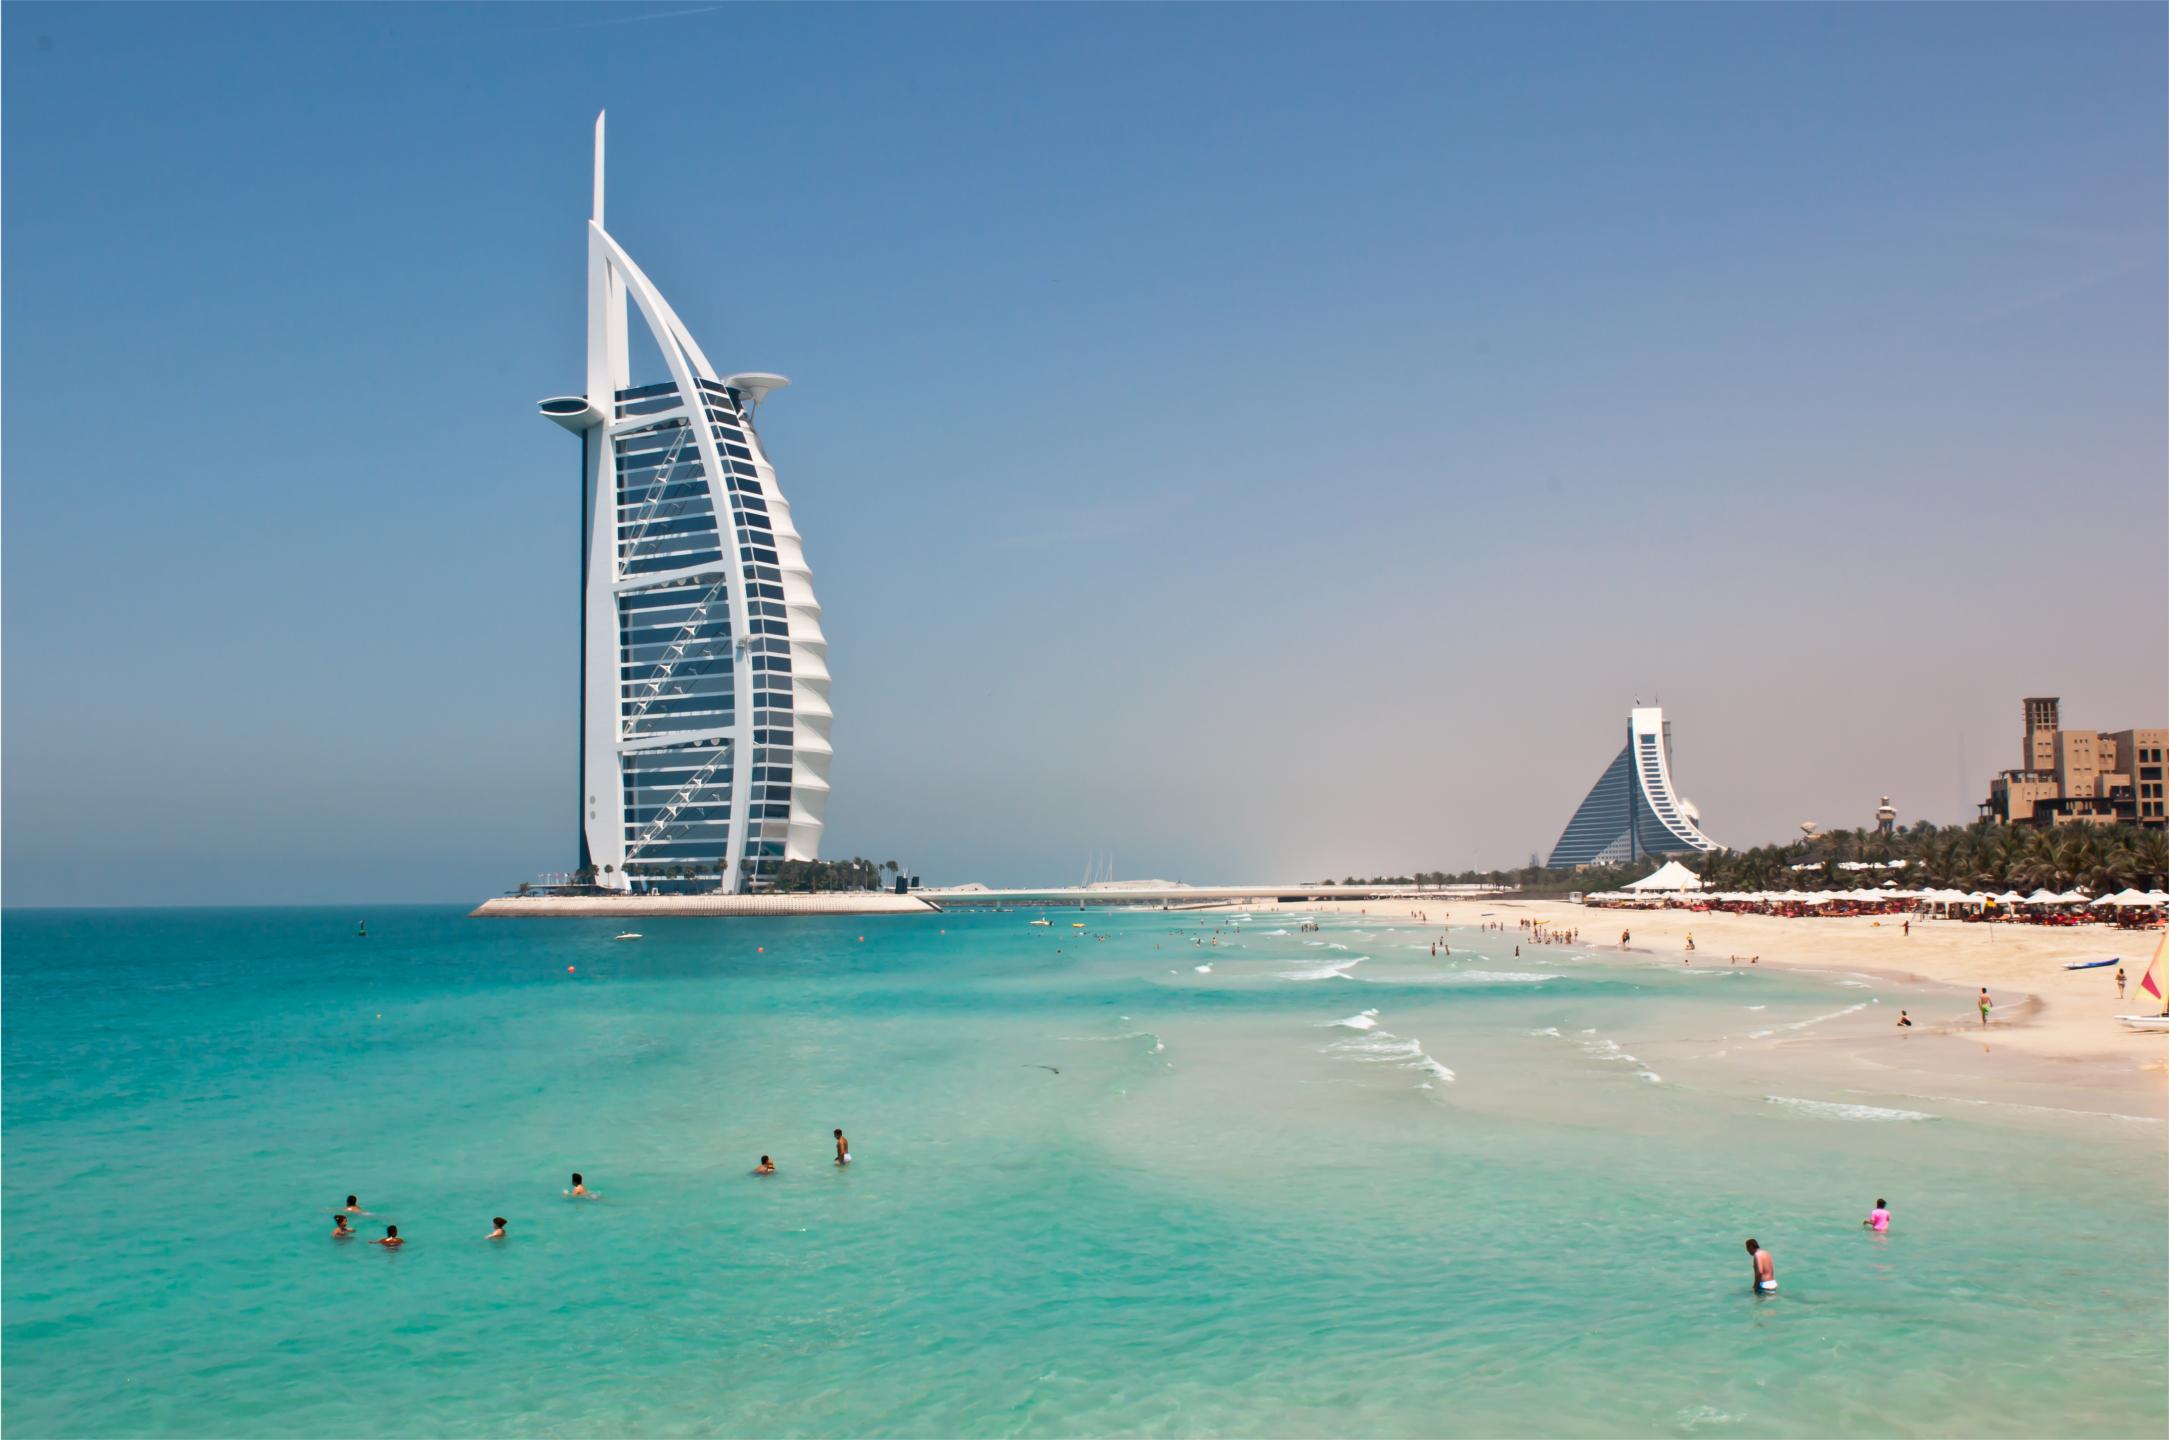 Dubai Tour 2016 burj al arab cropped